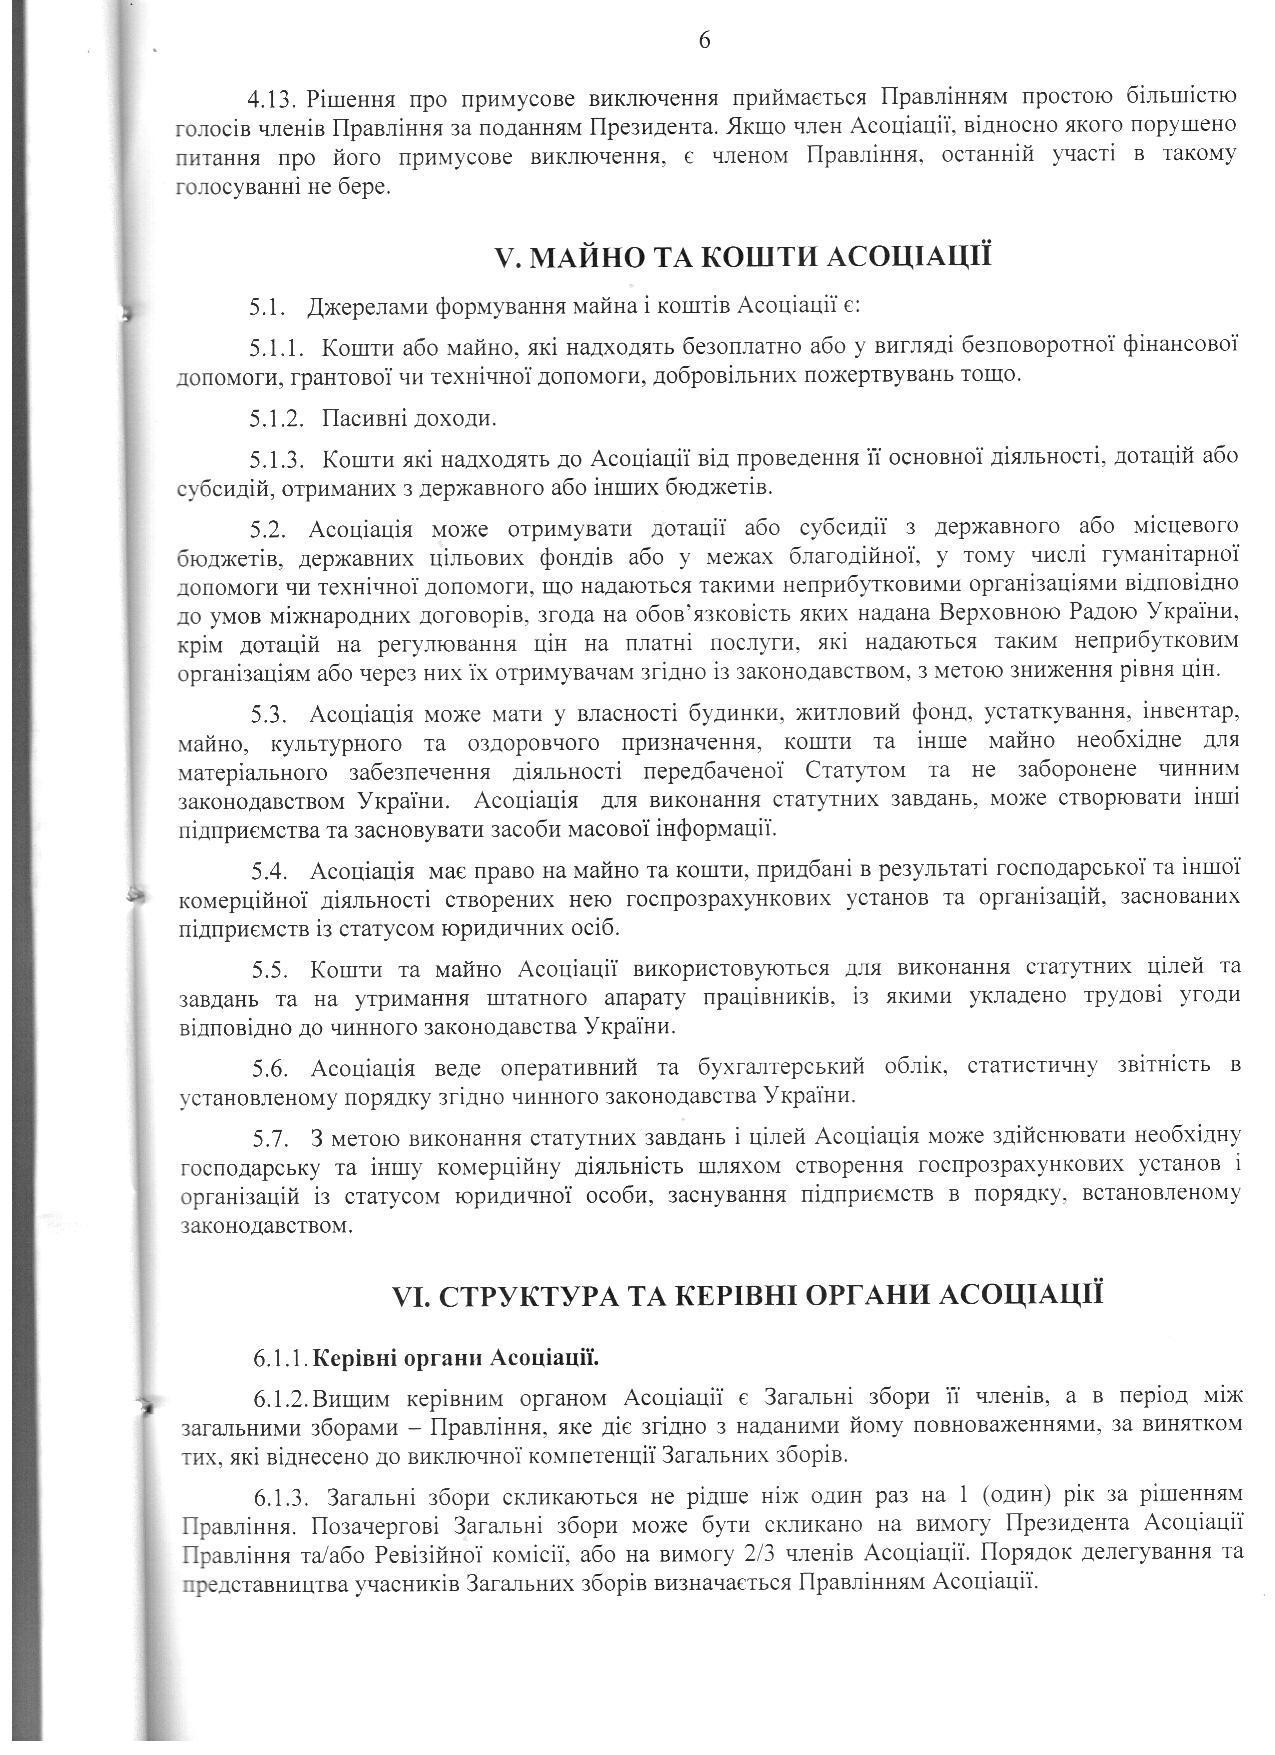 Статут Гром. сп_лки Асоц_ац_я управител_в житла 006